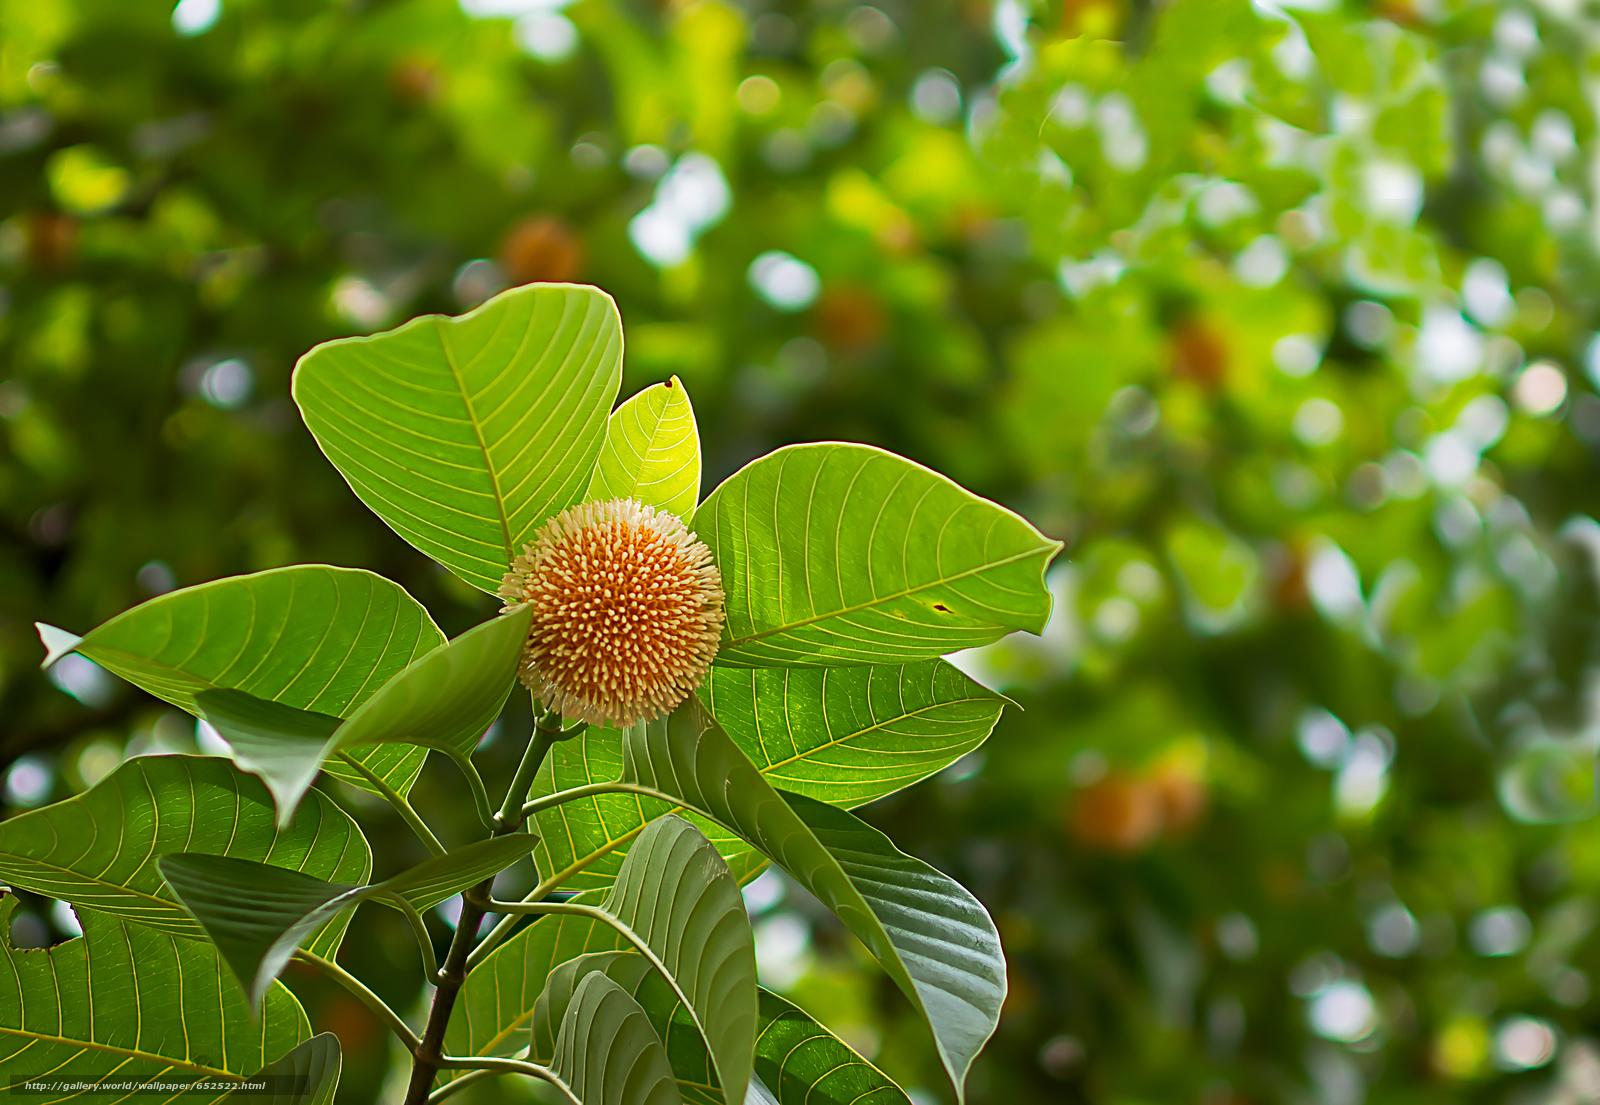 Скачать обои Neolamarckia Cadamba,  растение,  ветки,  листья бесплатно для рабочего стола в разрешении 2896x2000 — картинка №652522